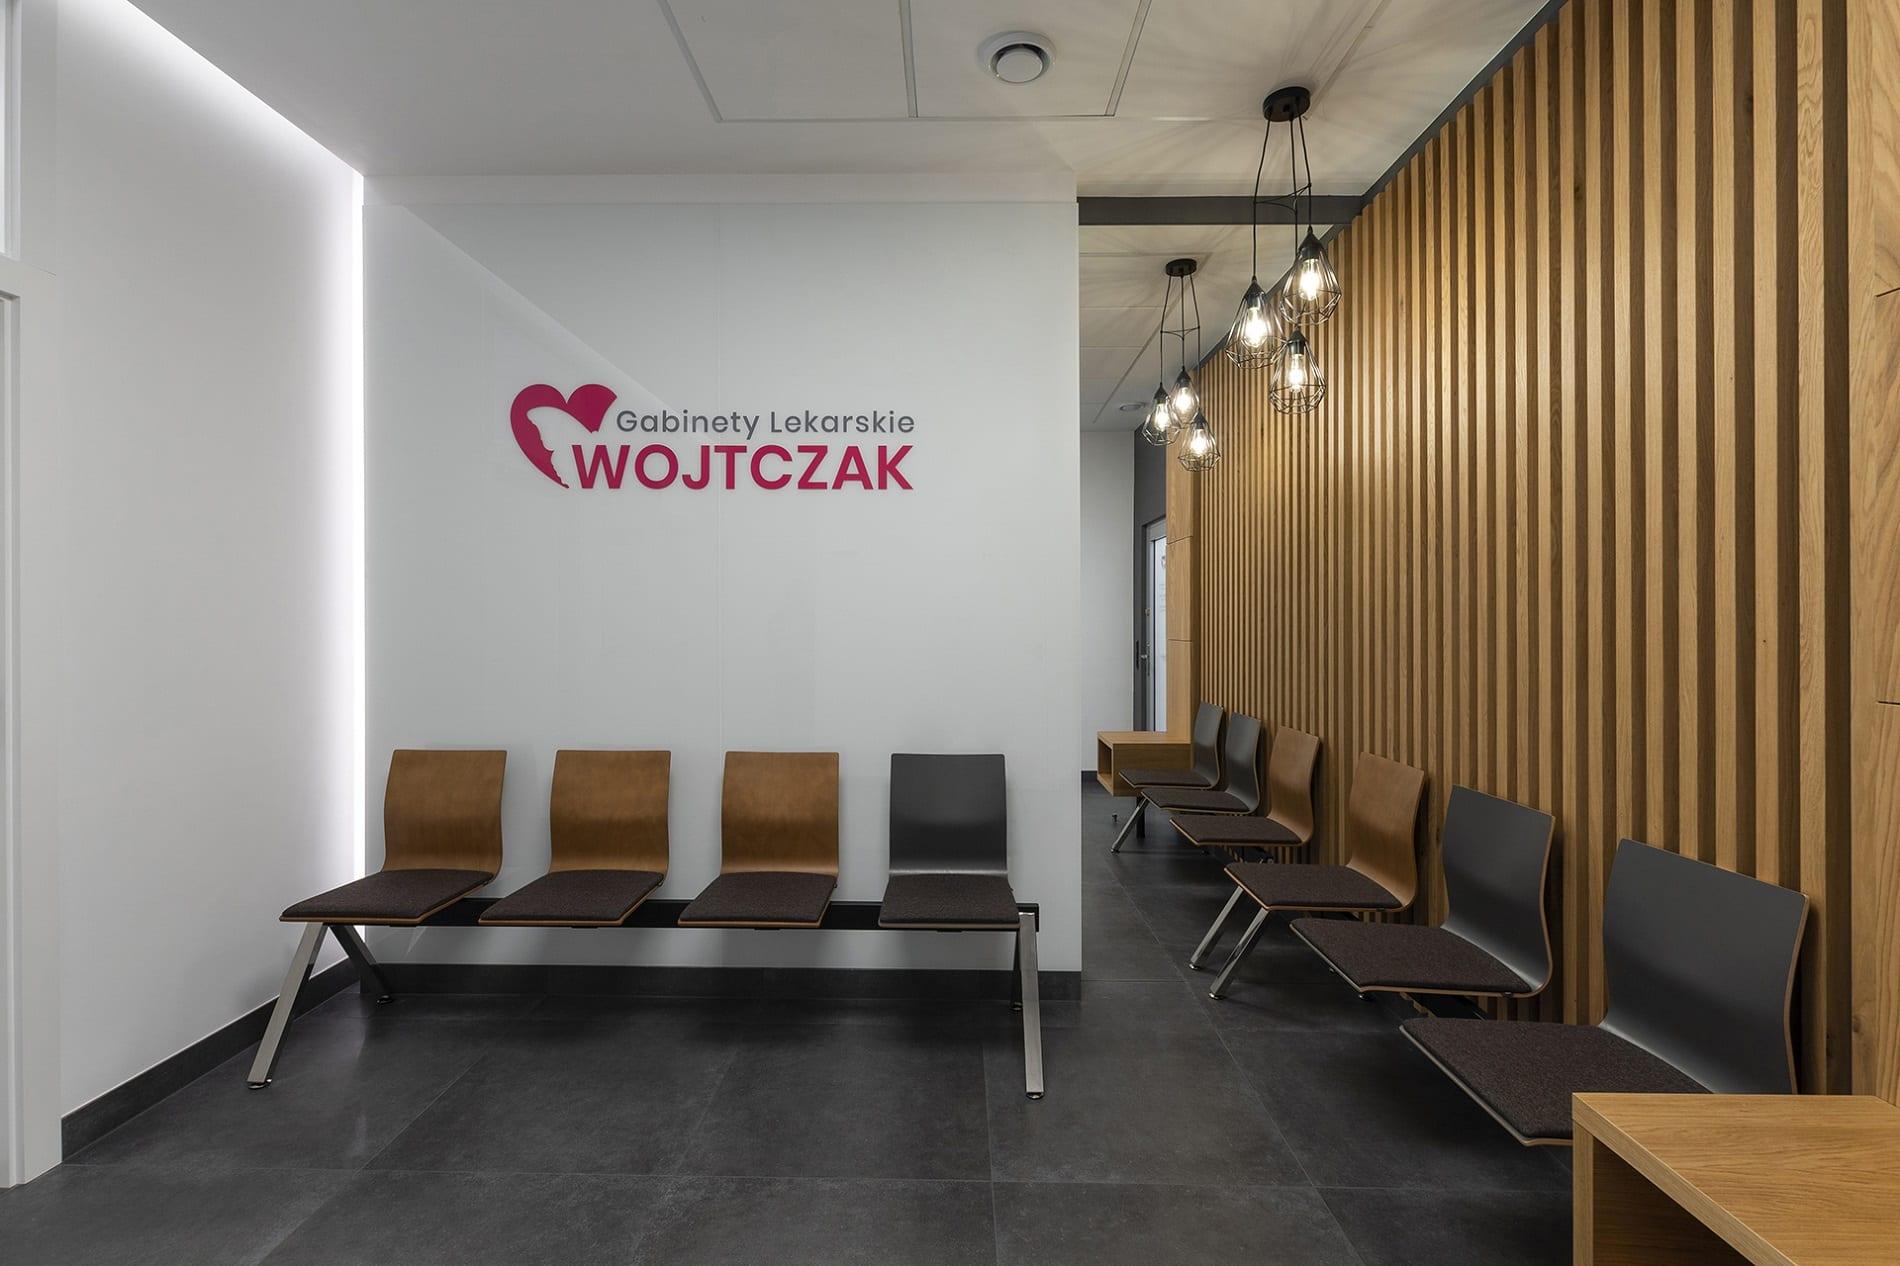 projekt architektoniczny gabinety lekarskie Wojtczak - projektowanie wnętrz Prima Wrocław (1)